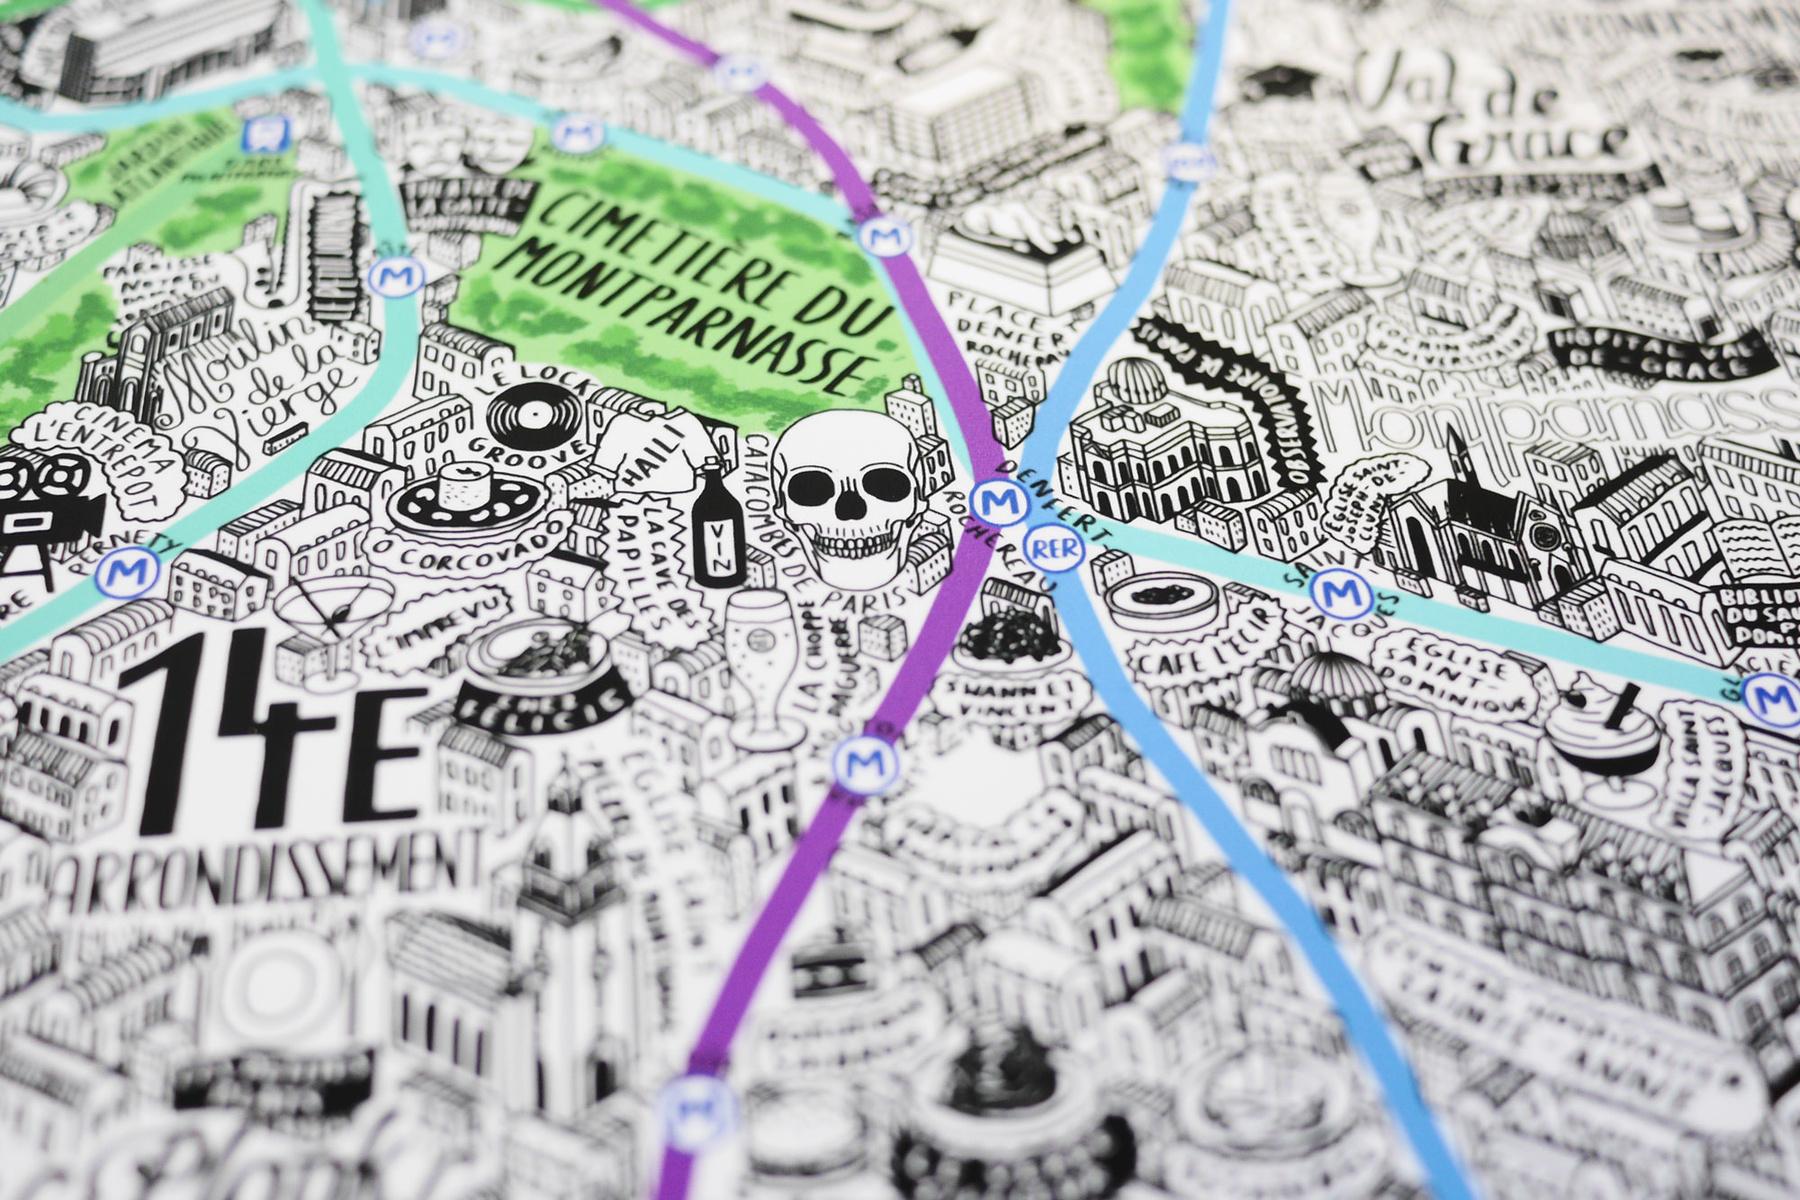 A Jardin des Tuileries semmiképpen se hagyja ki! Párizs I. kerületének városrésze, amelyet a Louvre által közrefogott Jardin du Carrousel, a rue de Rivoli, a Concorde tér és a Szajna folyó határol. Csupa olyan dolog, ami kihagyhatatlan egy párizsi látogatásból.